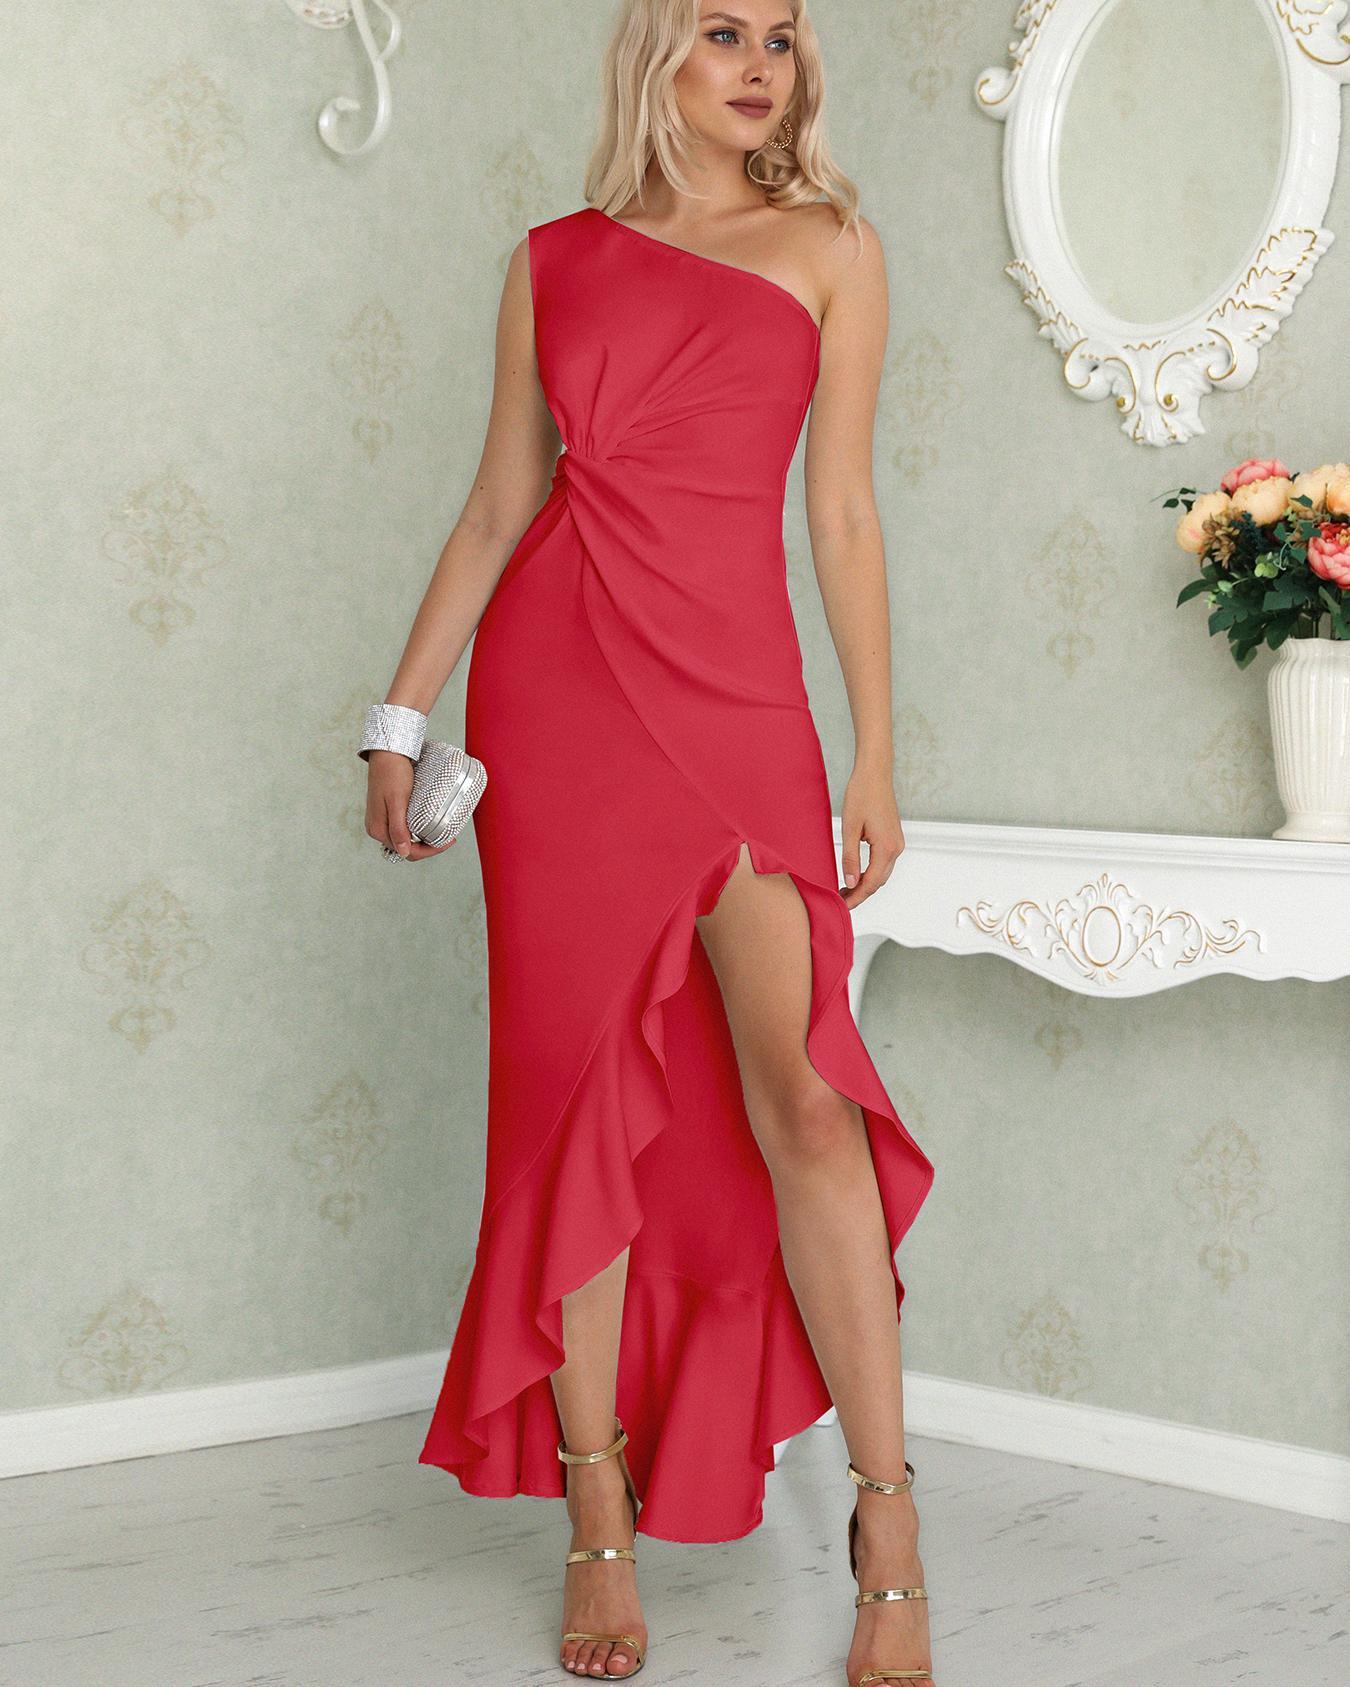 0f3fcdf69f4 Фото - One Shoulder Twisted Ruffles Slit Hem Dress от ivrose красного цвета